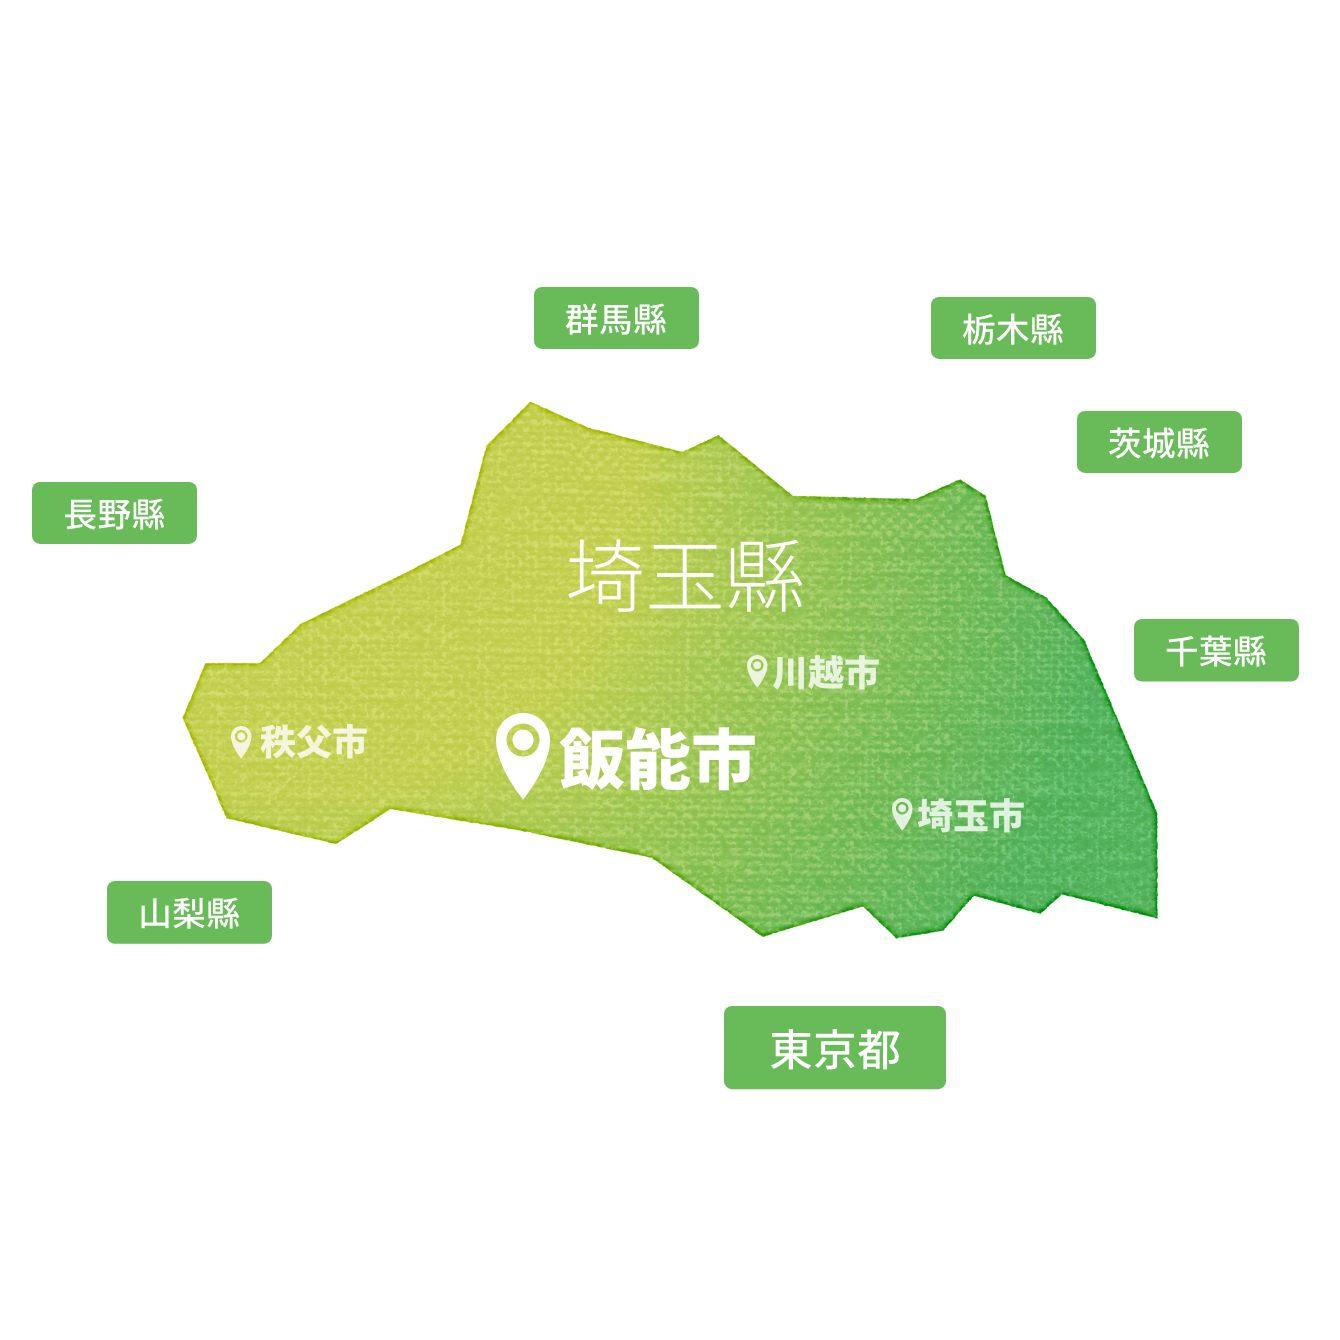 飯能市的地理位置